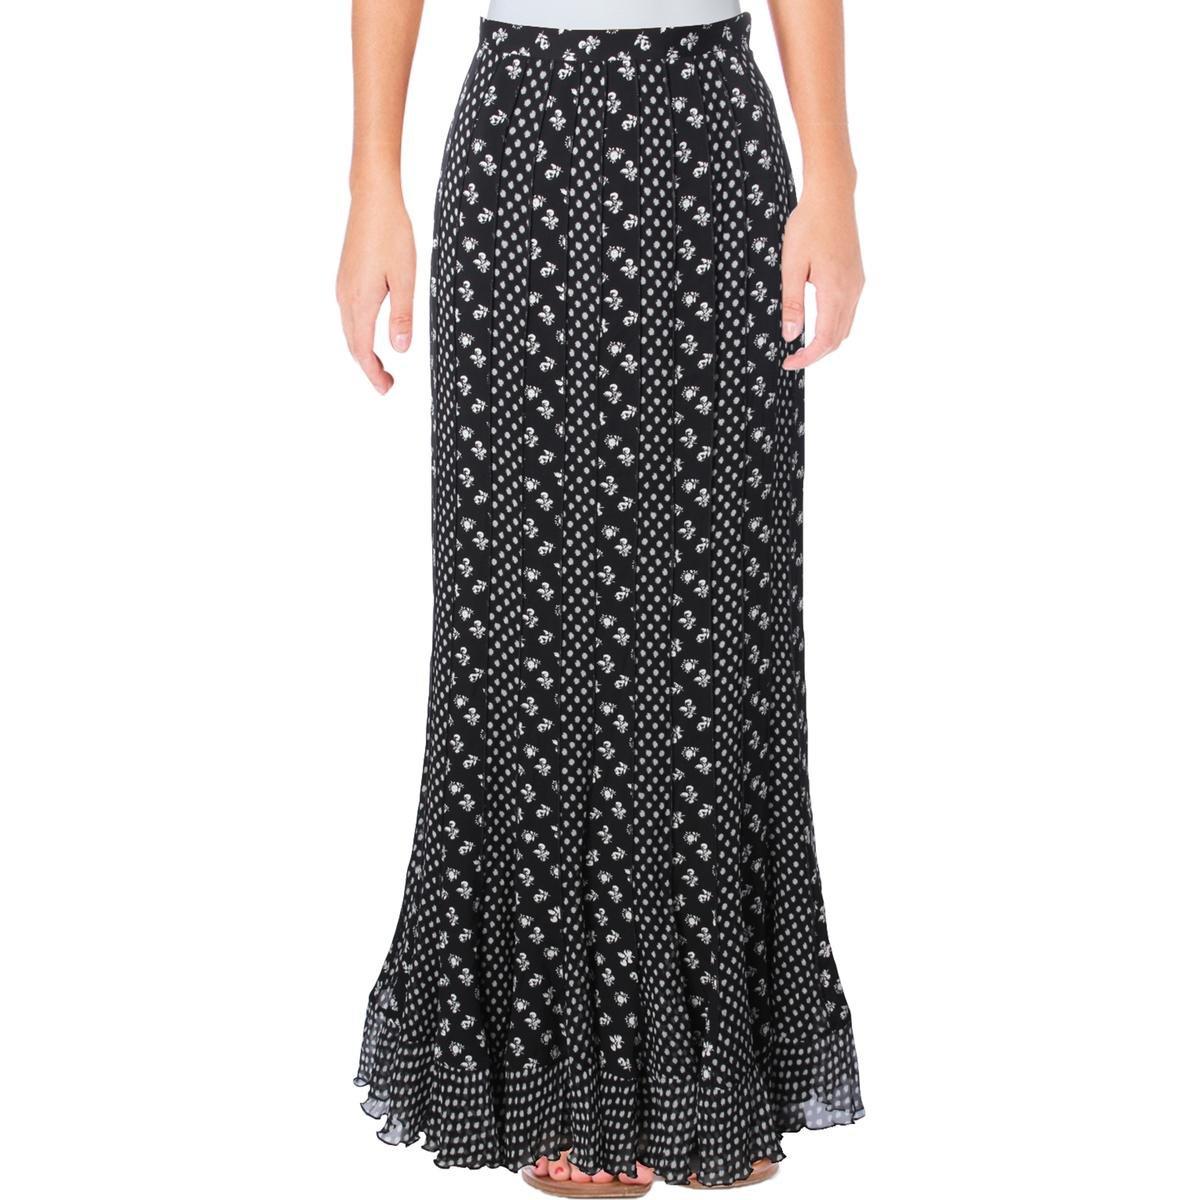 Diane Von Furstenberg Womens Addyson Silk Floral Print Maxi Skirt B/W 4 by Diane von Furstenberg